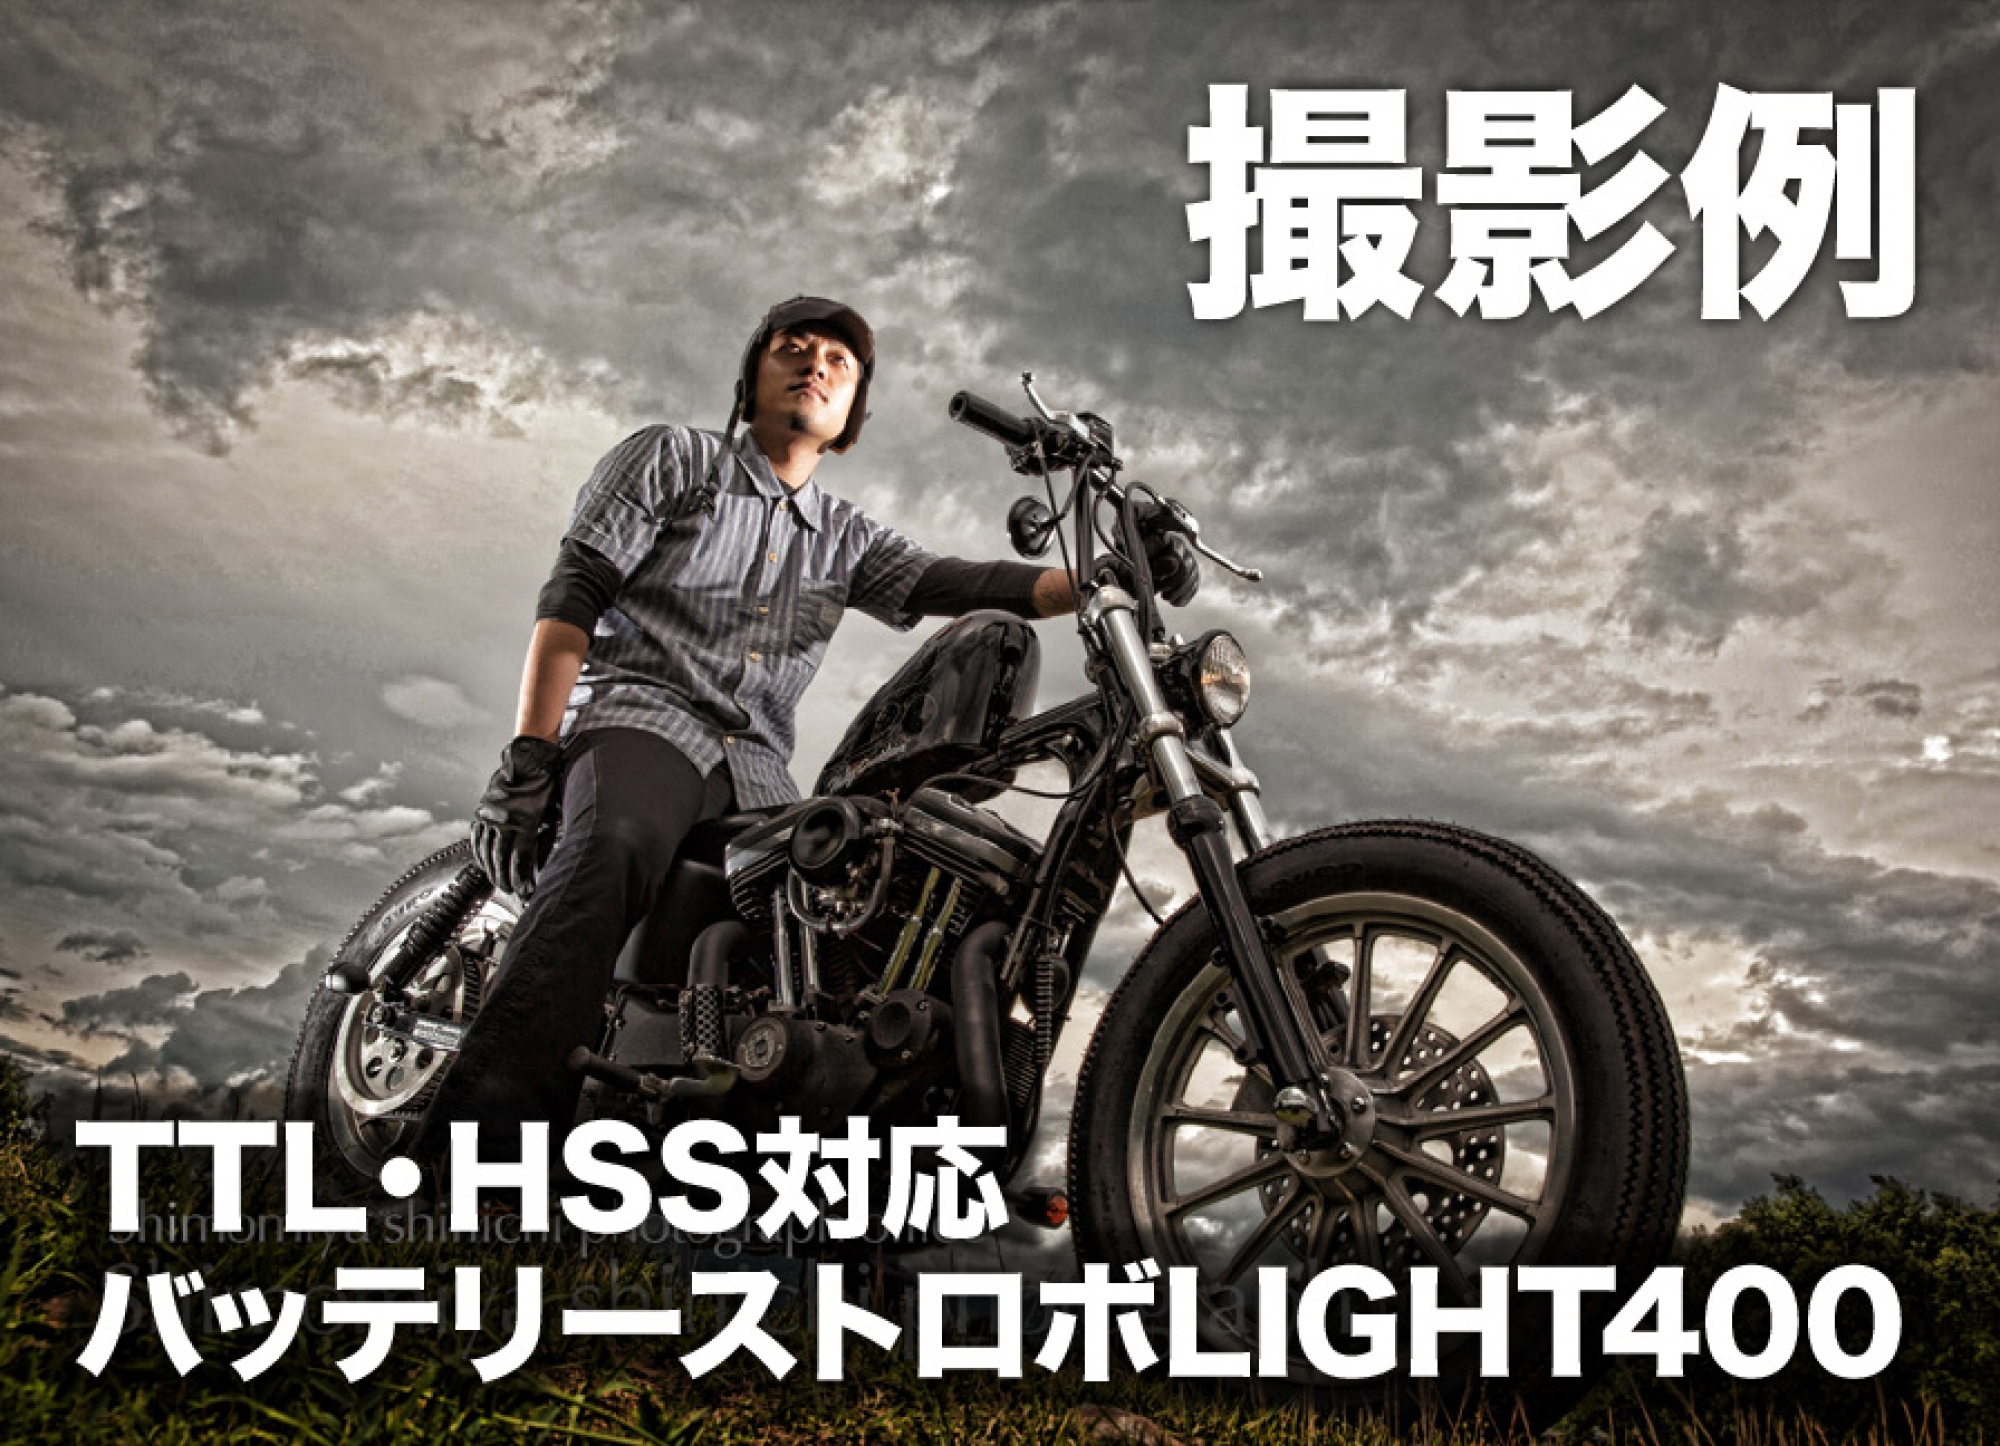 バッテリーストロボ LIGHT400(ハイスピードシンクロ・TTL対応)で撮影した作品です。